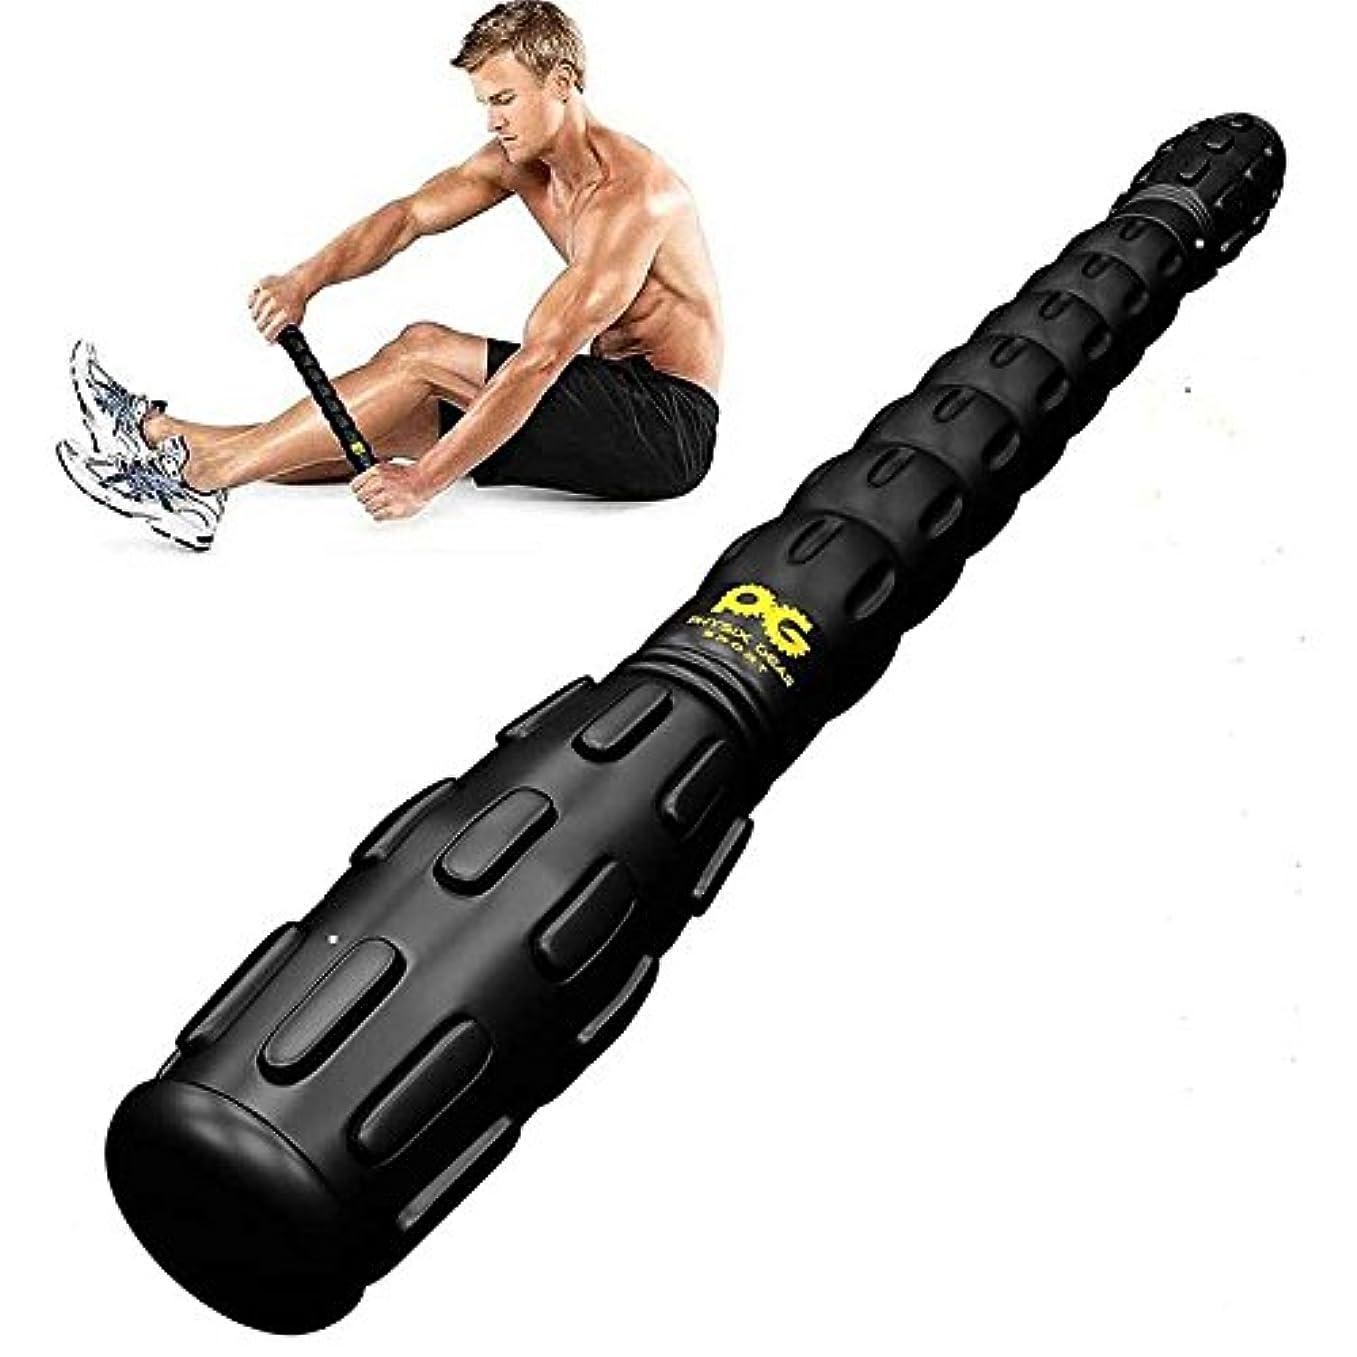 遊びますドレイン藤色Liebeye ポータブル 筋肉マッサージスティック マニュアルローラー マッサージャー痛みの筋肉を解放する 脚の回復 ブラック